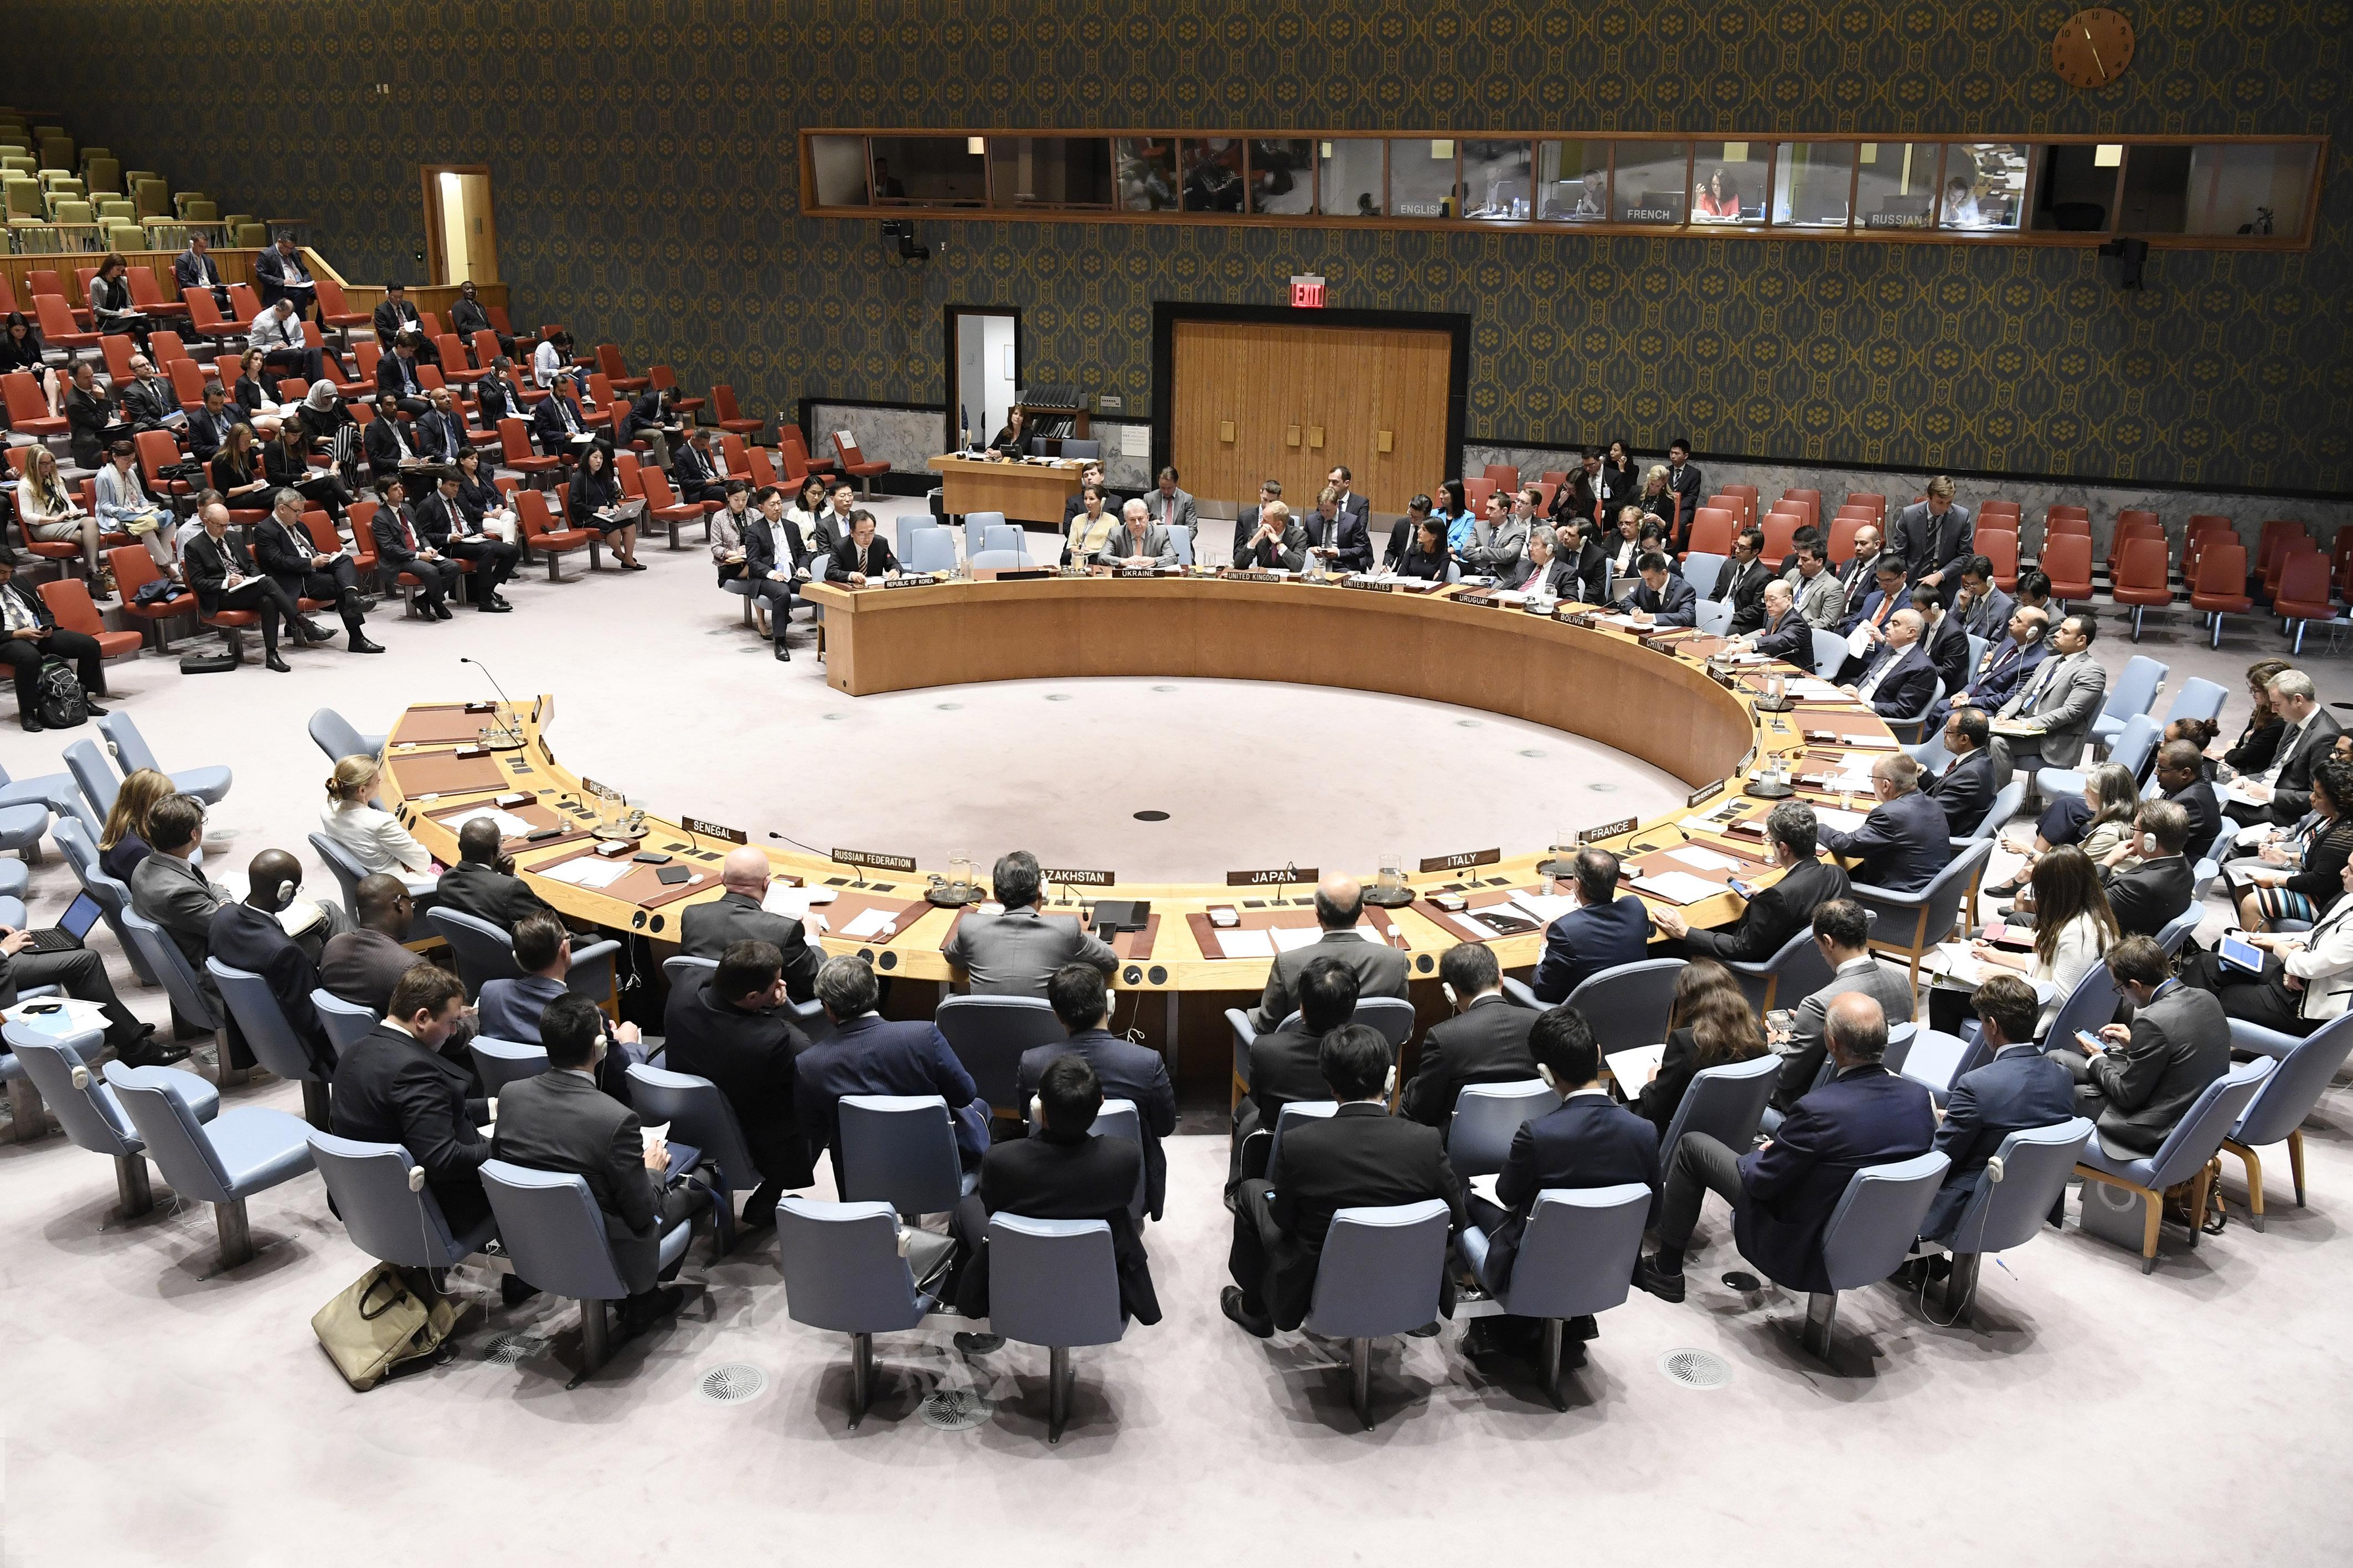 Consiliul de Securitate al ONU are noi membrii. Ţările care au câştigat mandatul de 2 ani